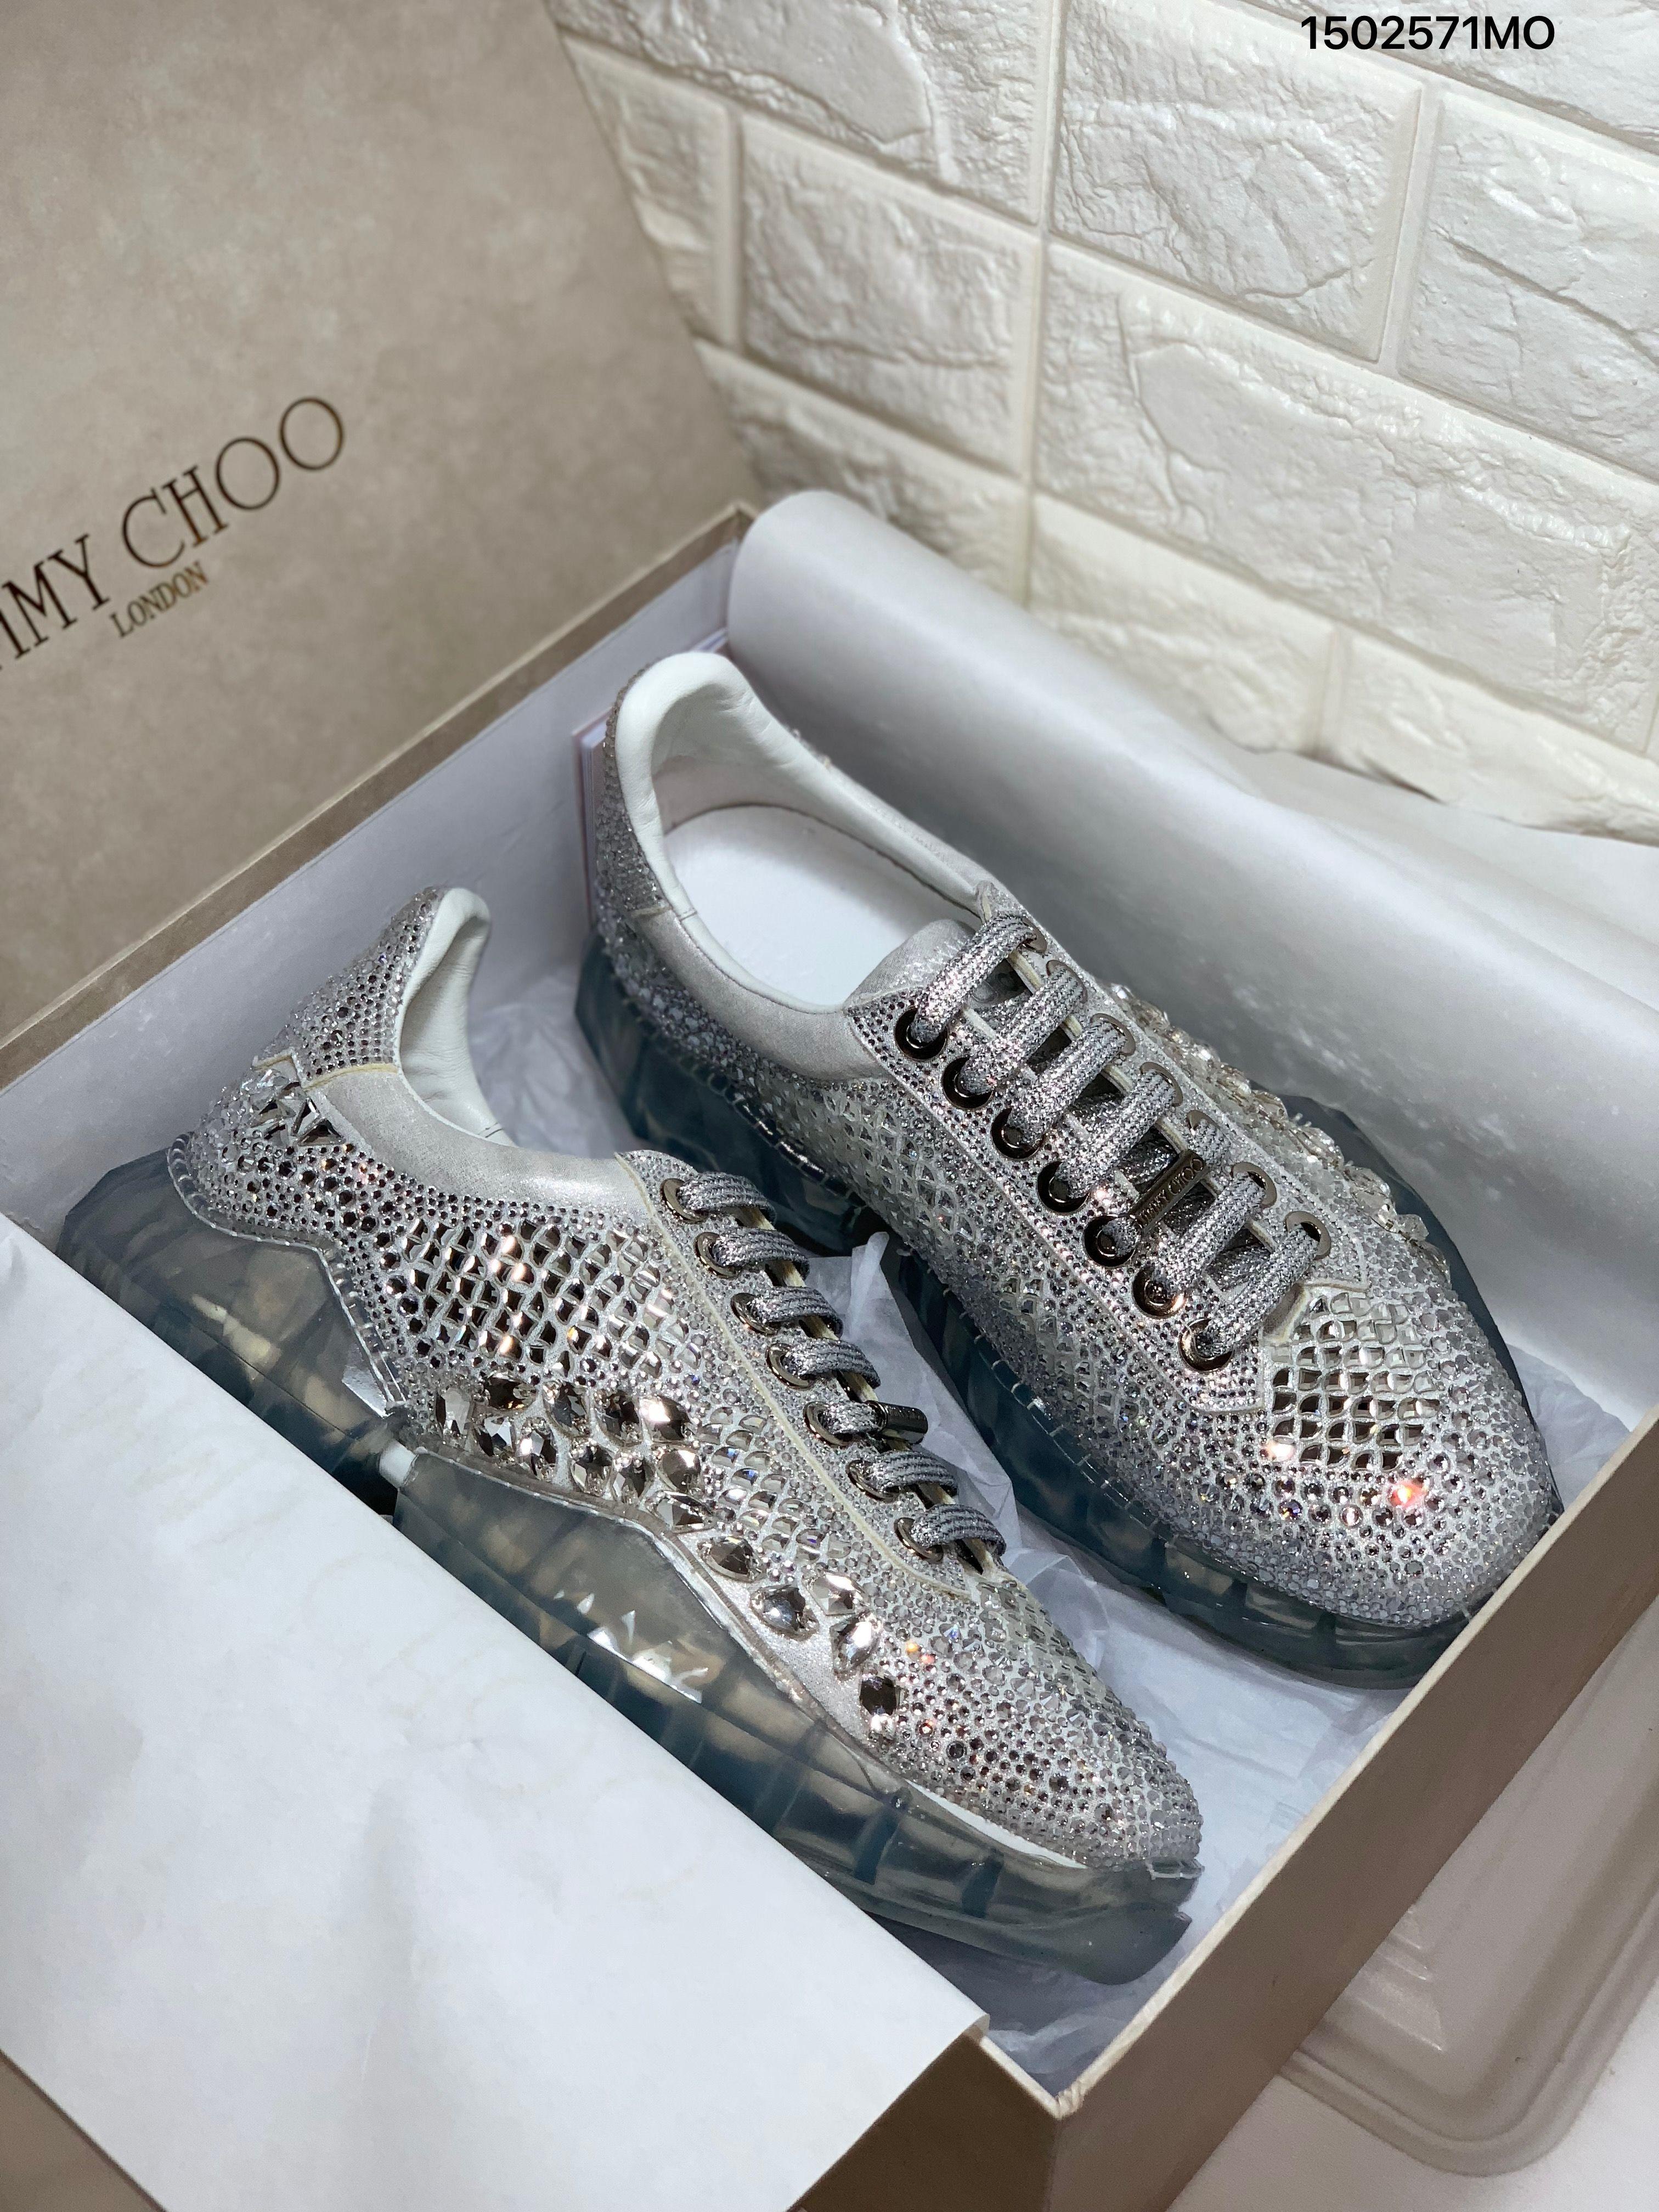 Jimmy choo crystal stones sneakers